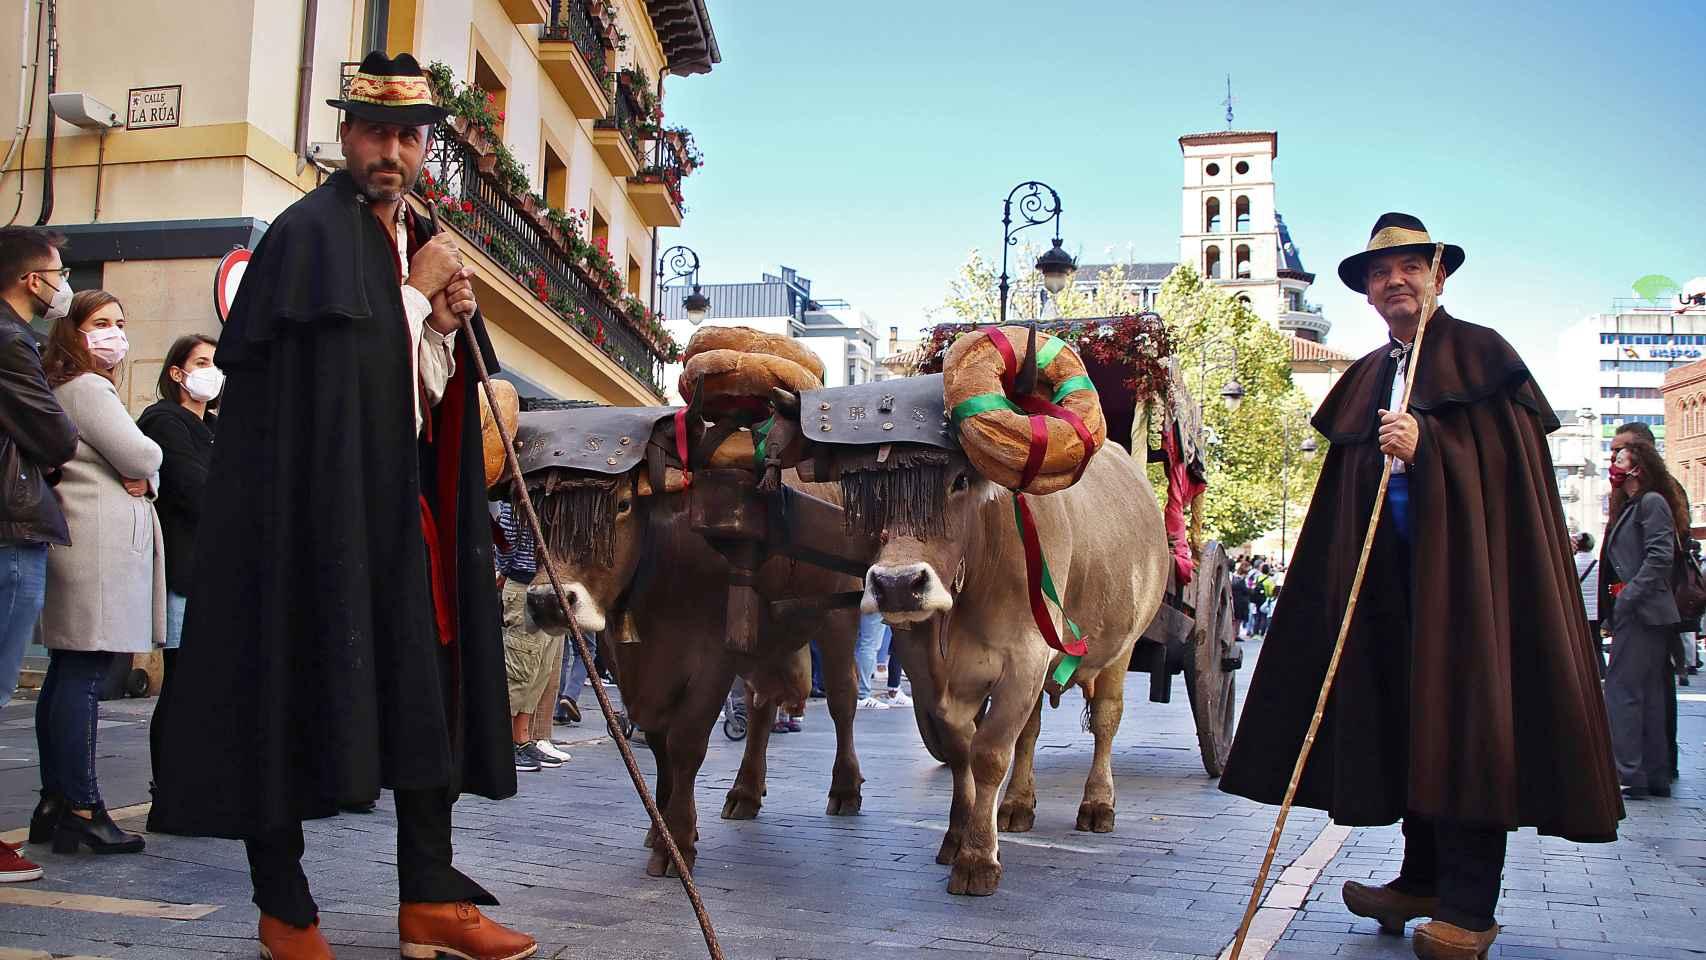 Imágenes de la ceremonia tradicional de Las Cantaderas por las fiestas de San Froilán en León